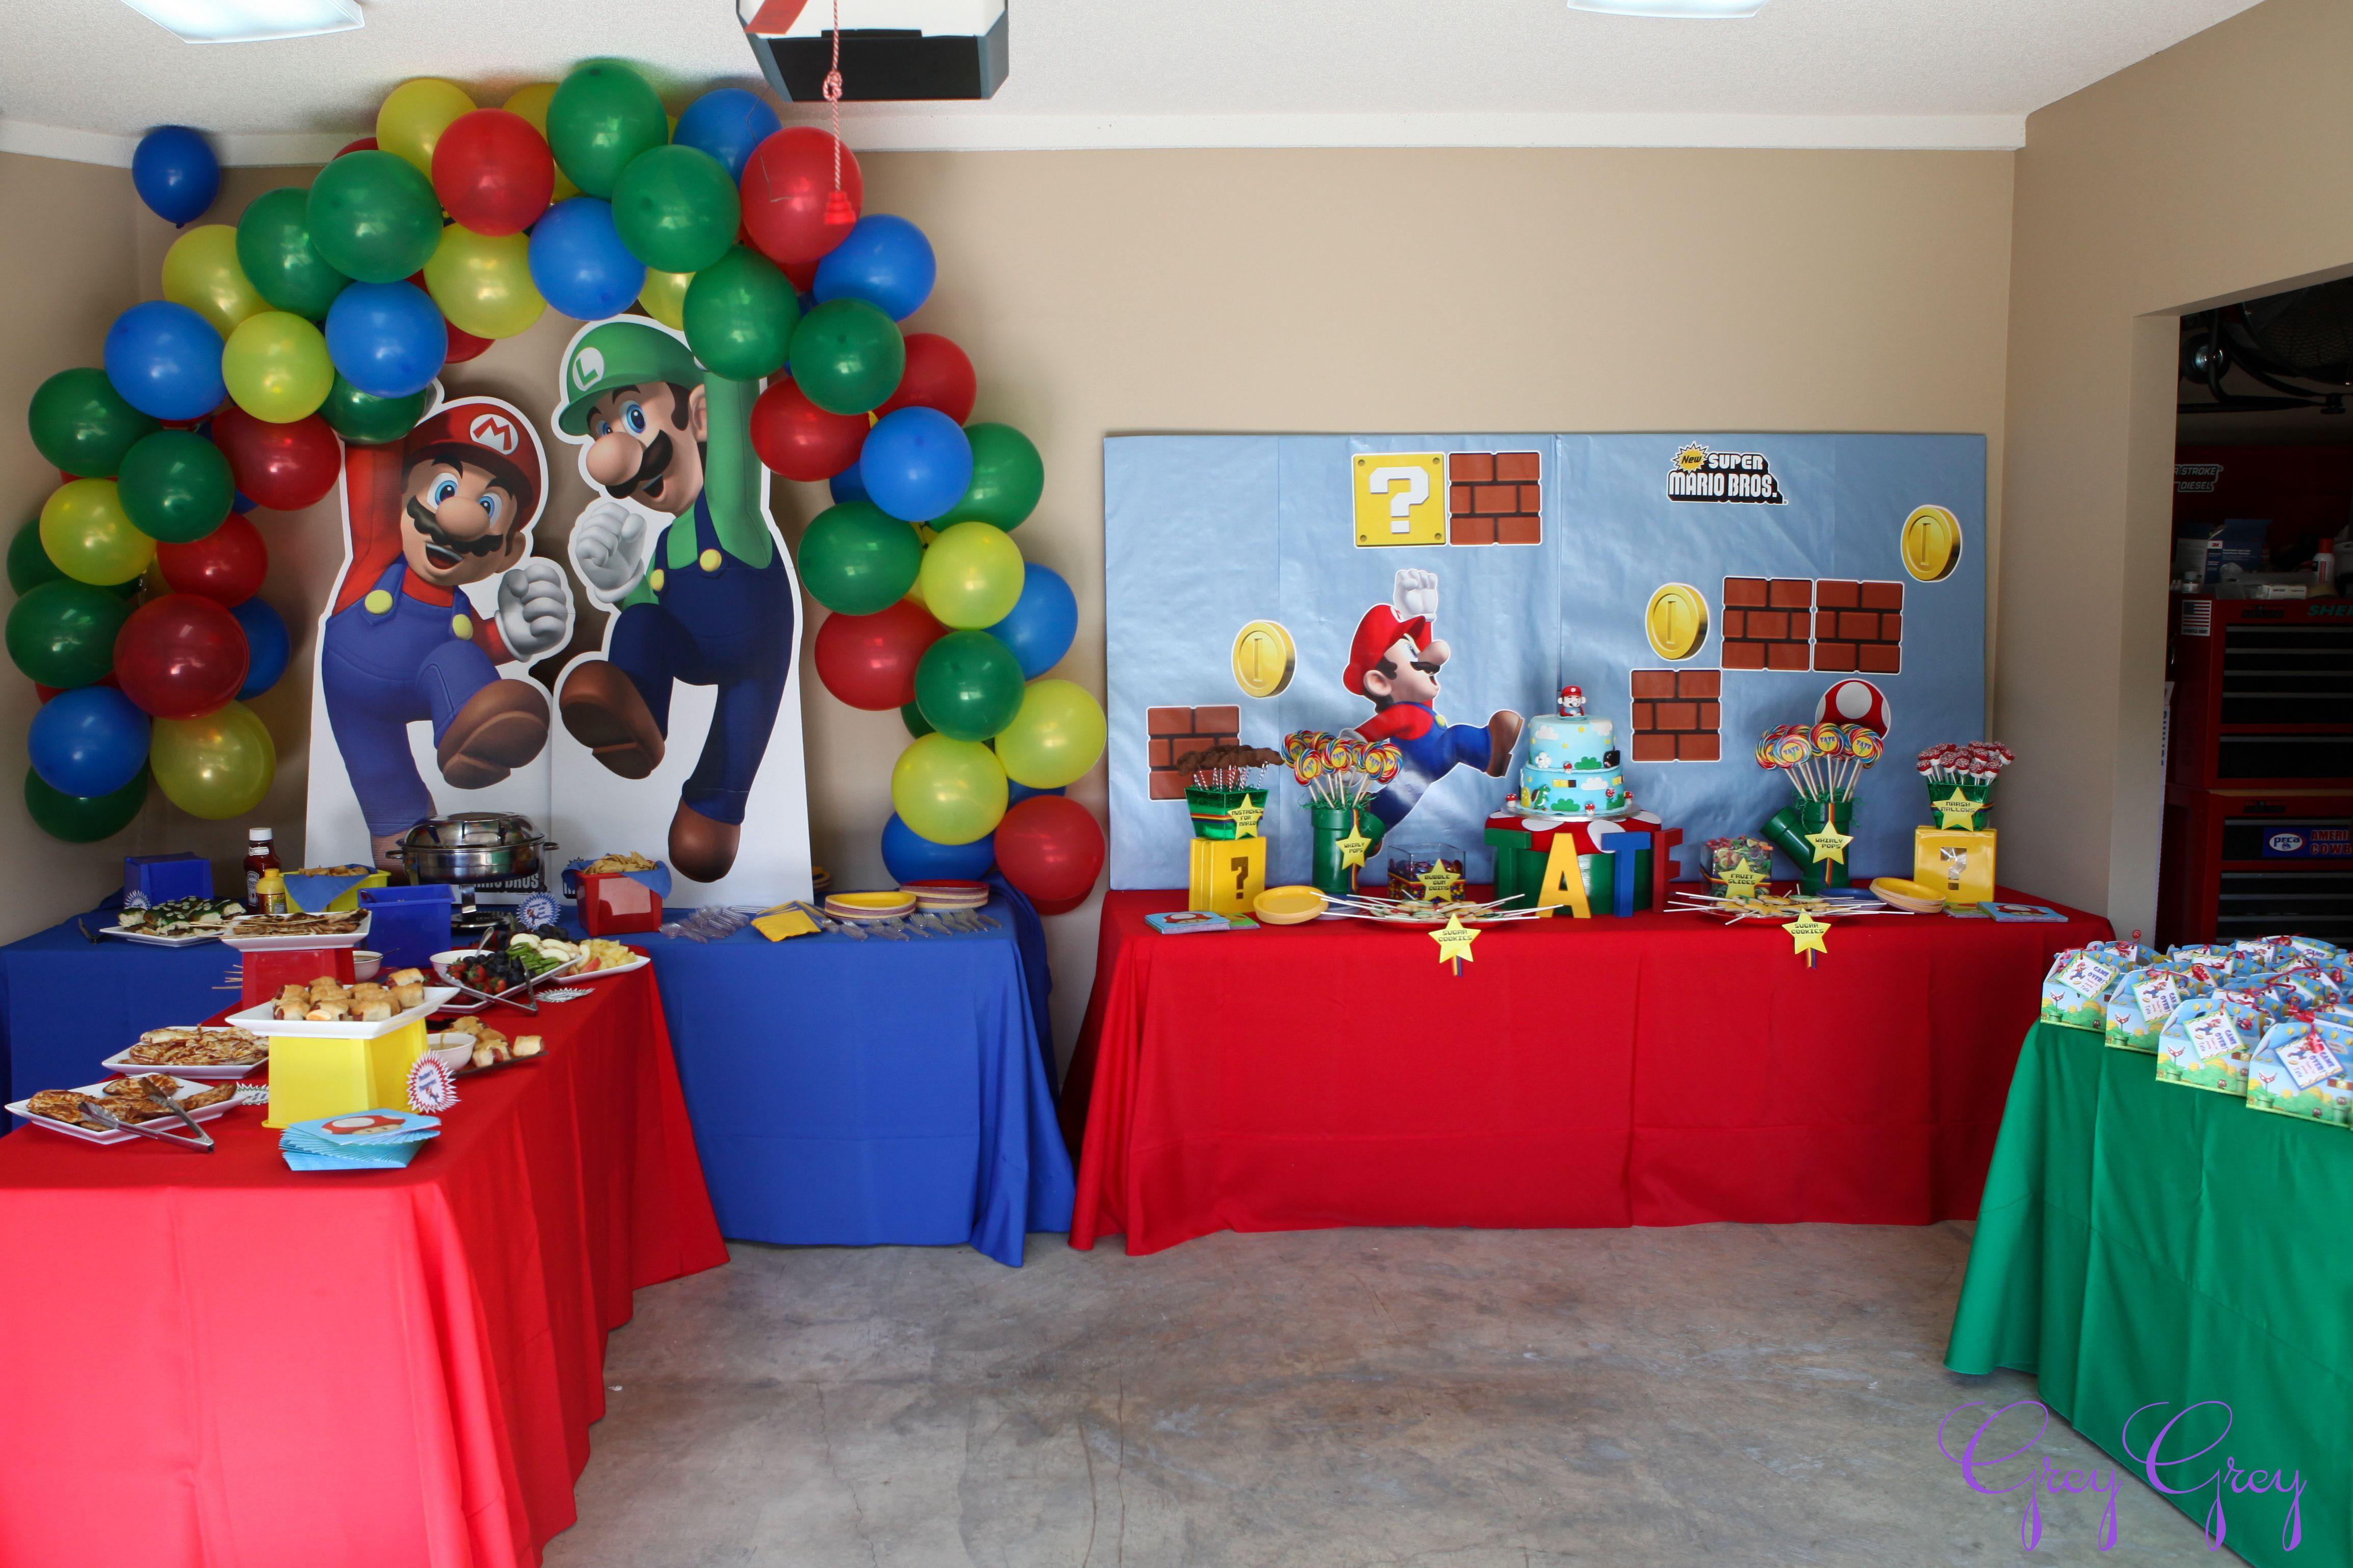 Cool backdrop mario bros birthday party ideas super